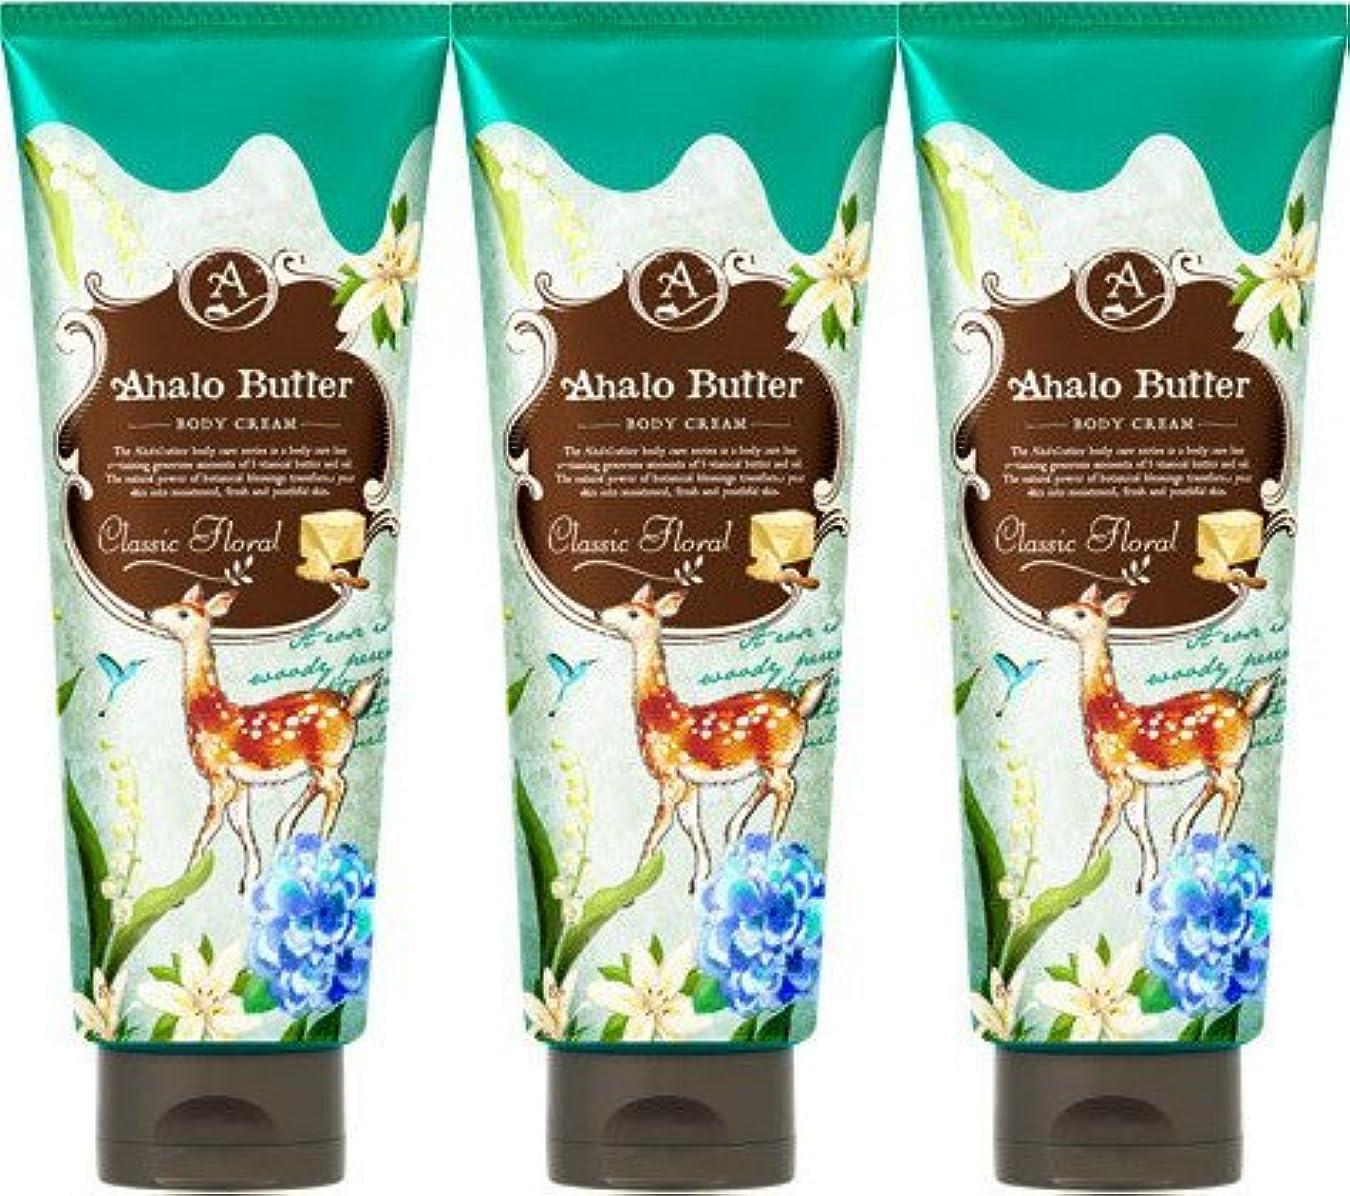 後方怪物漫画【3個セット】Ahalo butter(アハロバター) ボディクリーム クラシックフローラル 150g